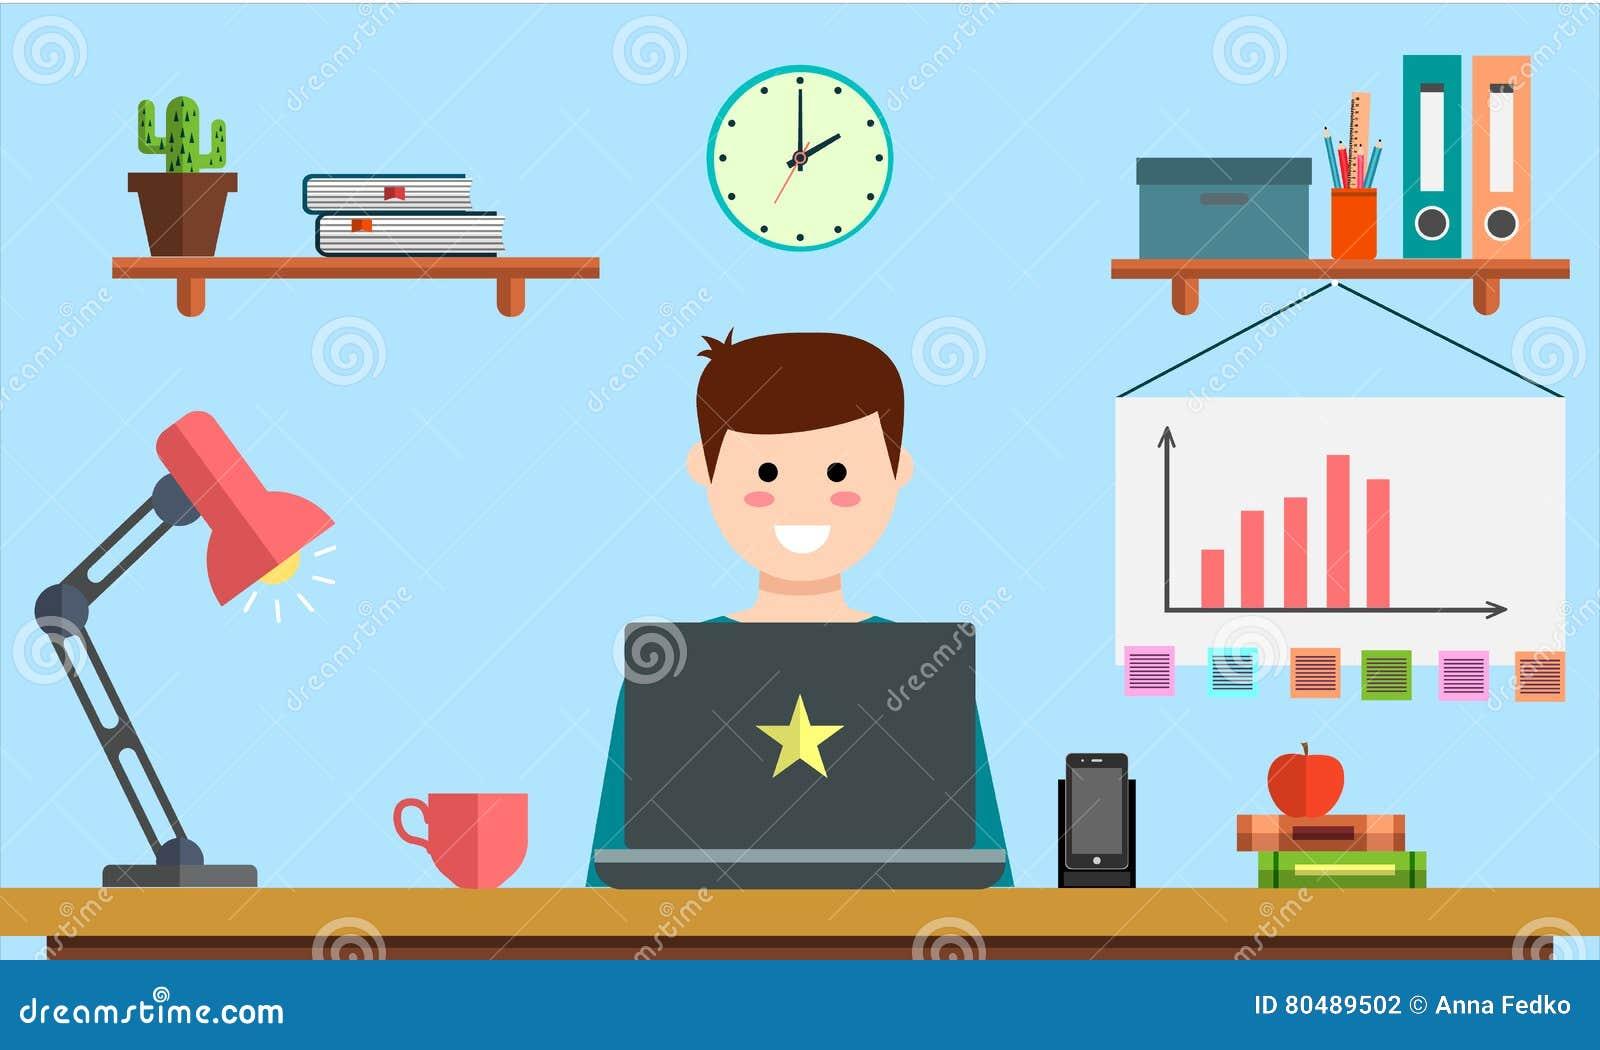 管理数字式营销srartup计划逻辑分析方法创造性的队设计薪水每点击seo社会媒介分析